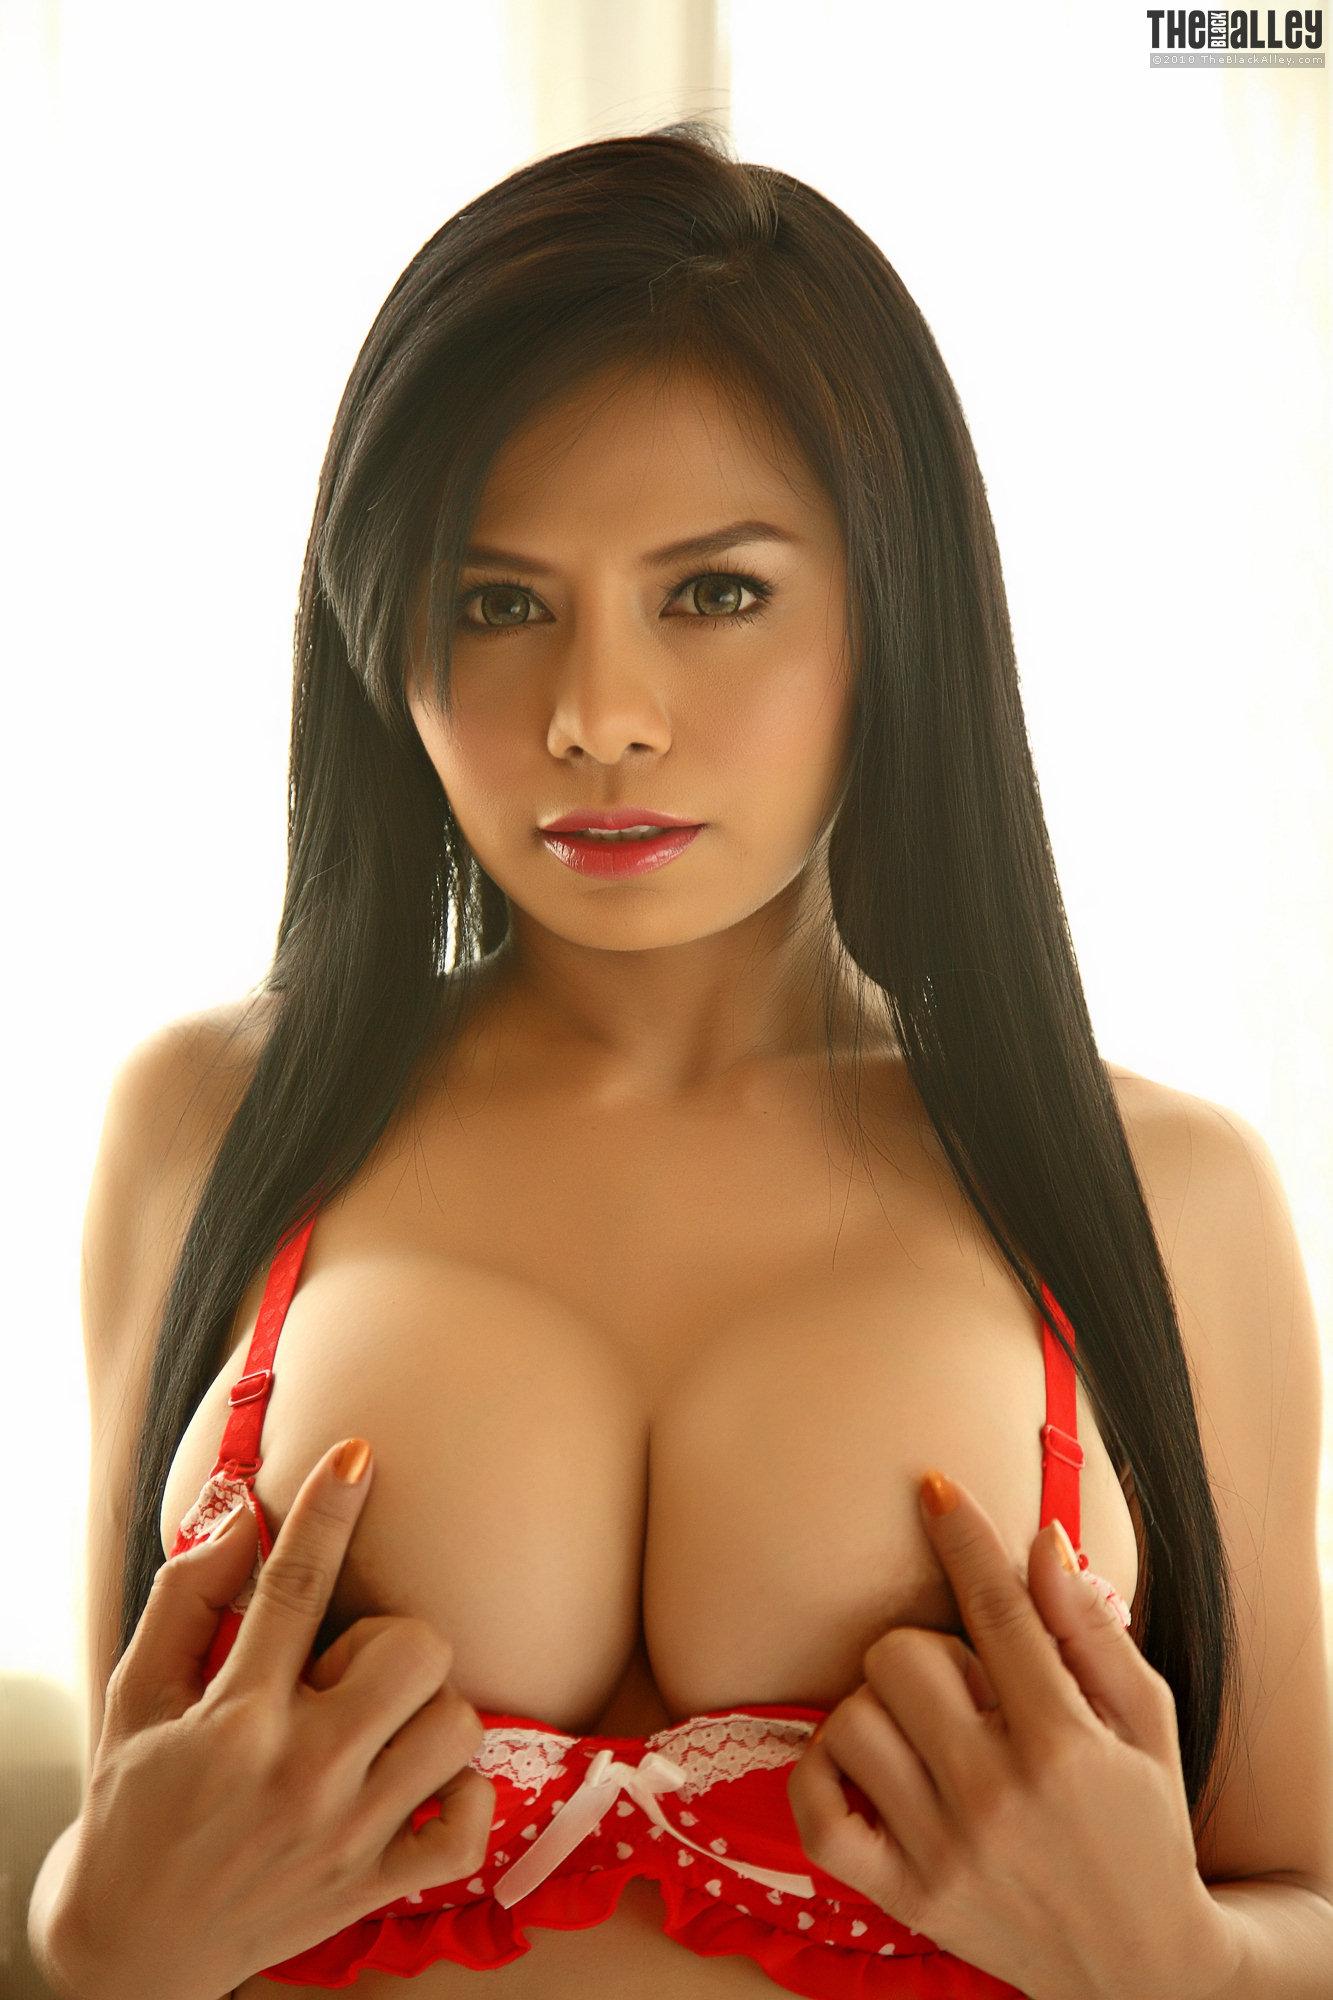 babes-busty-asian-latina-nude